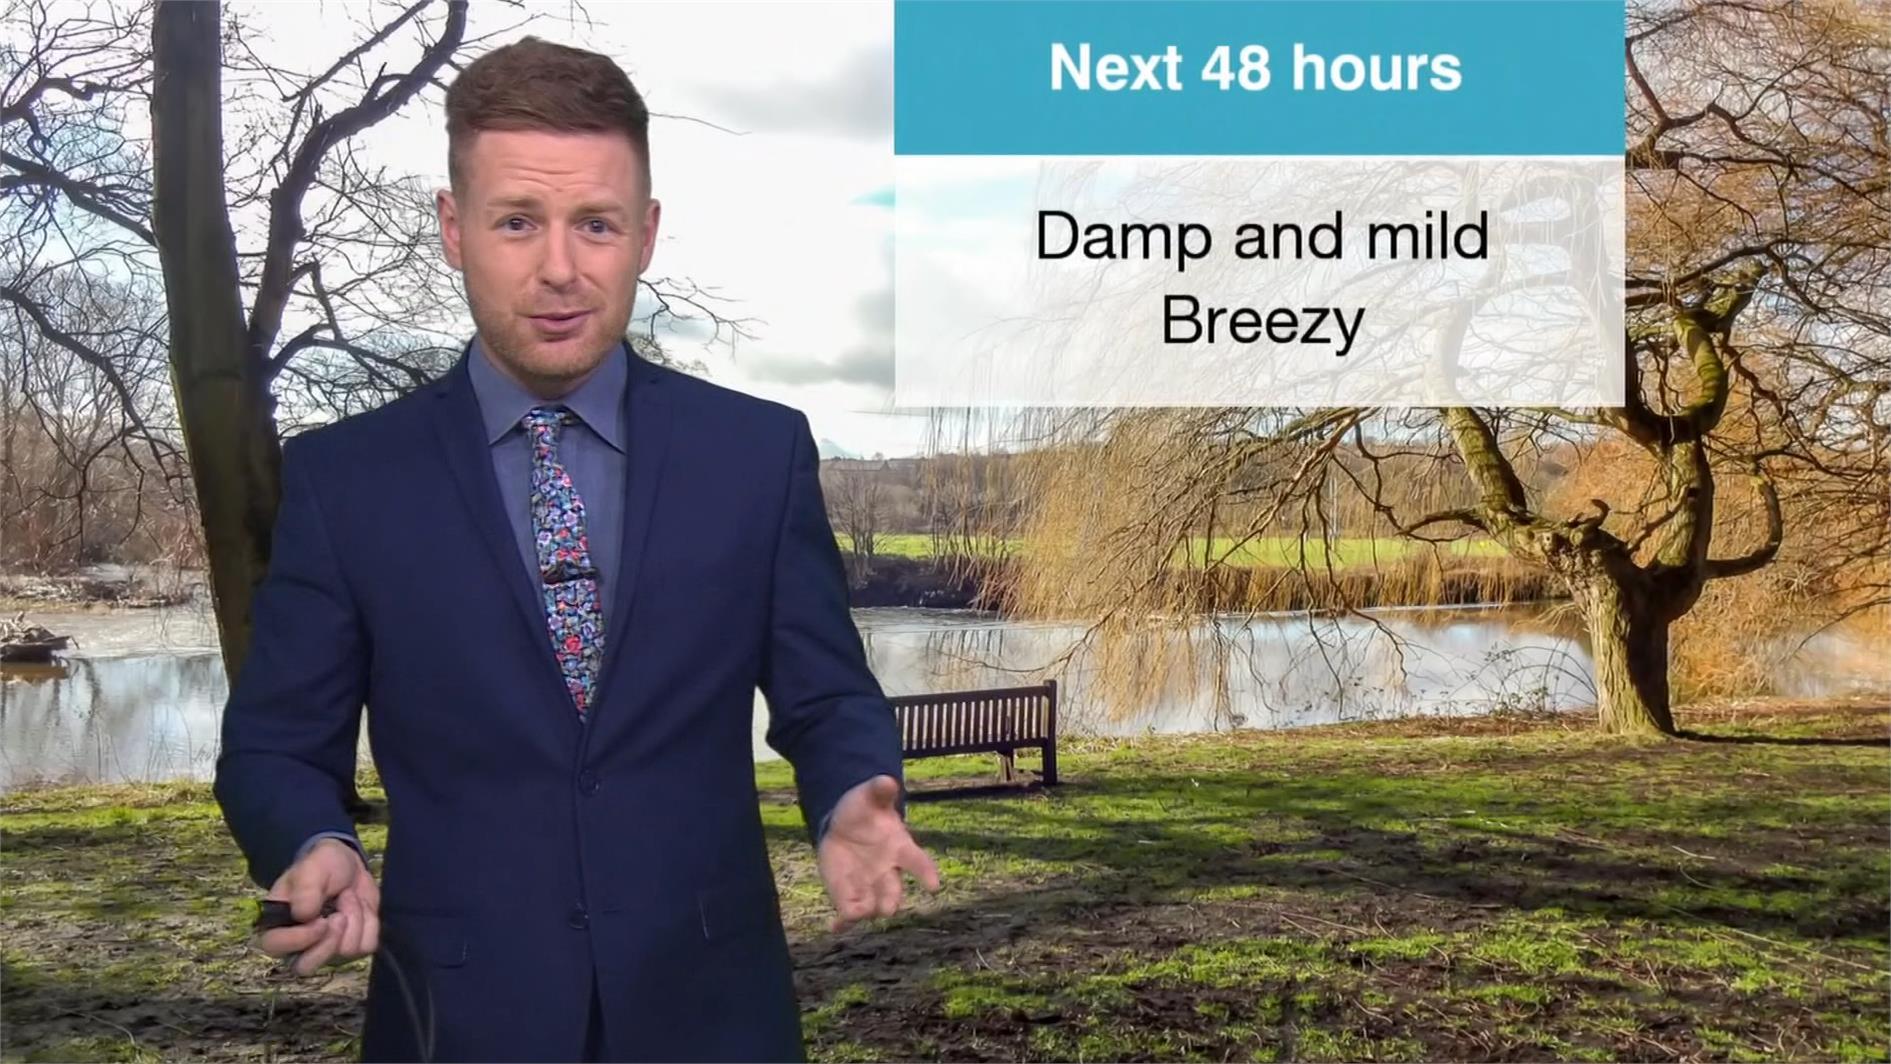 Tomasz Schafernaker - BBC Weather Presenter (6)